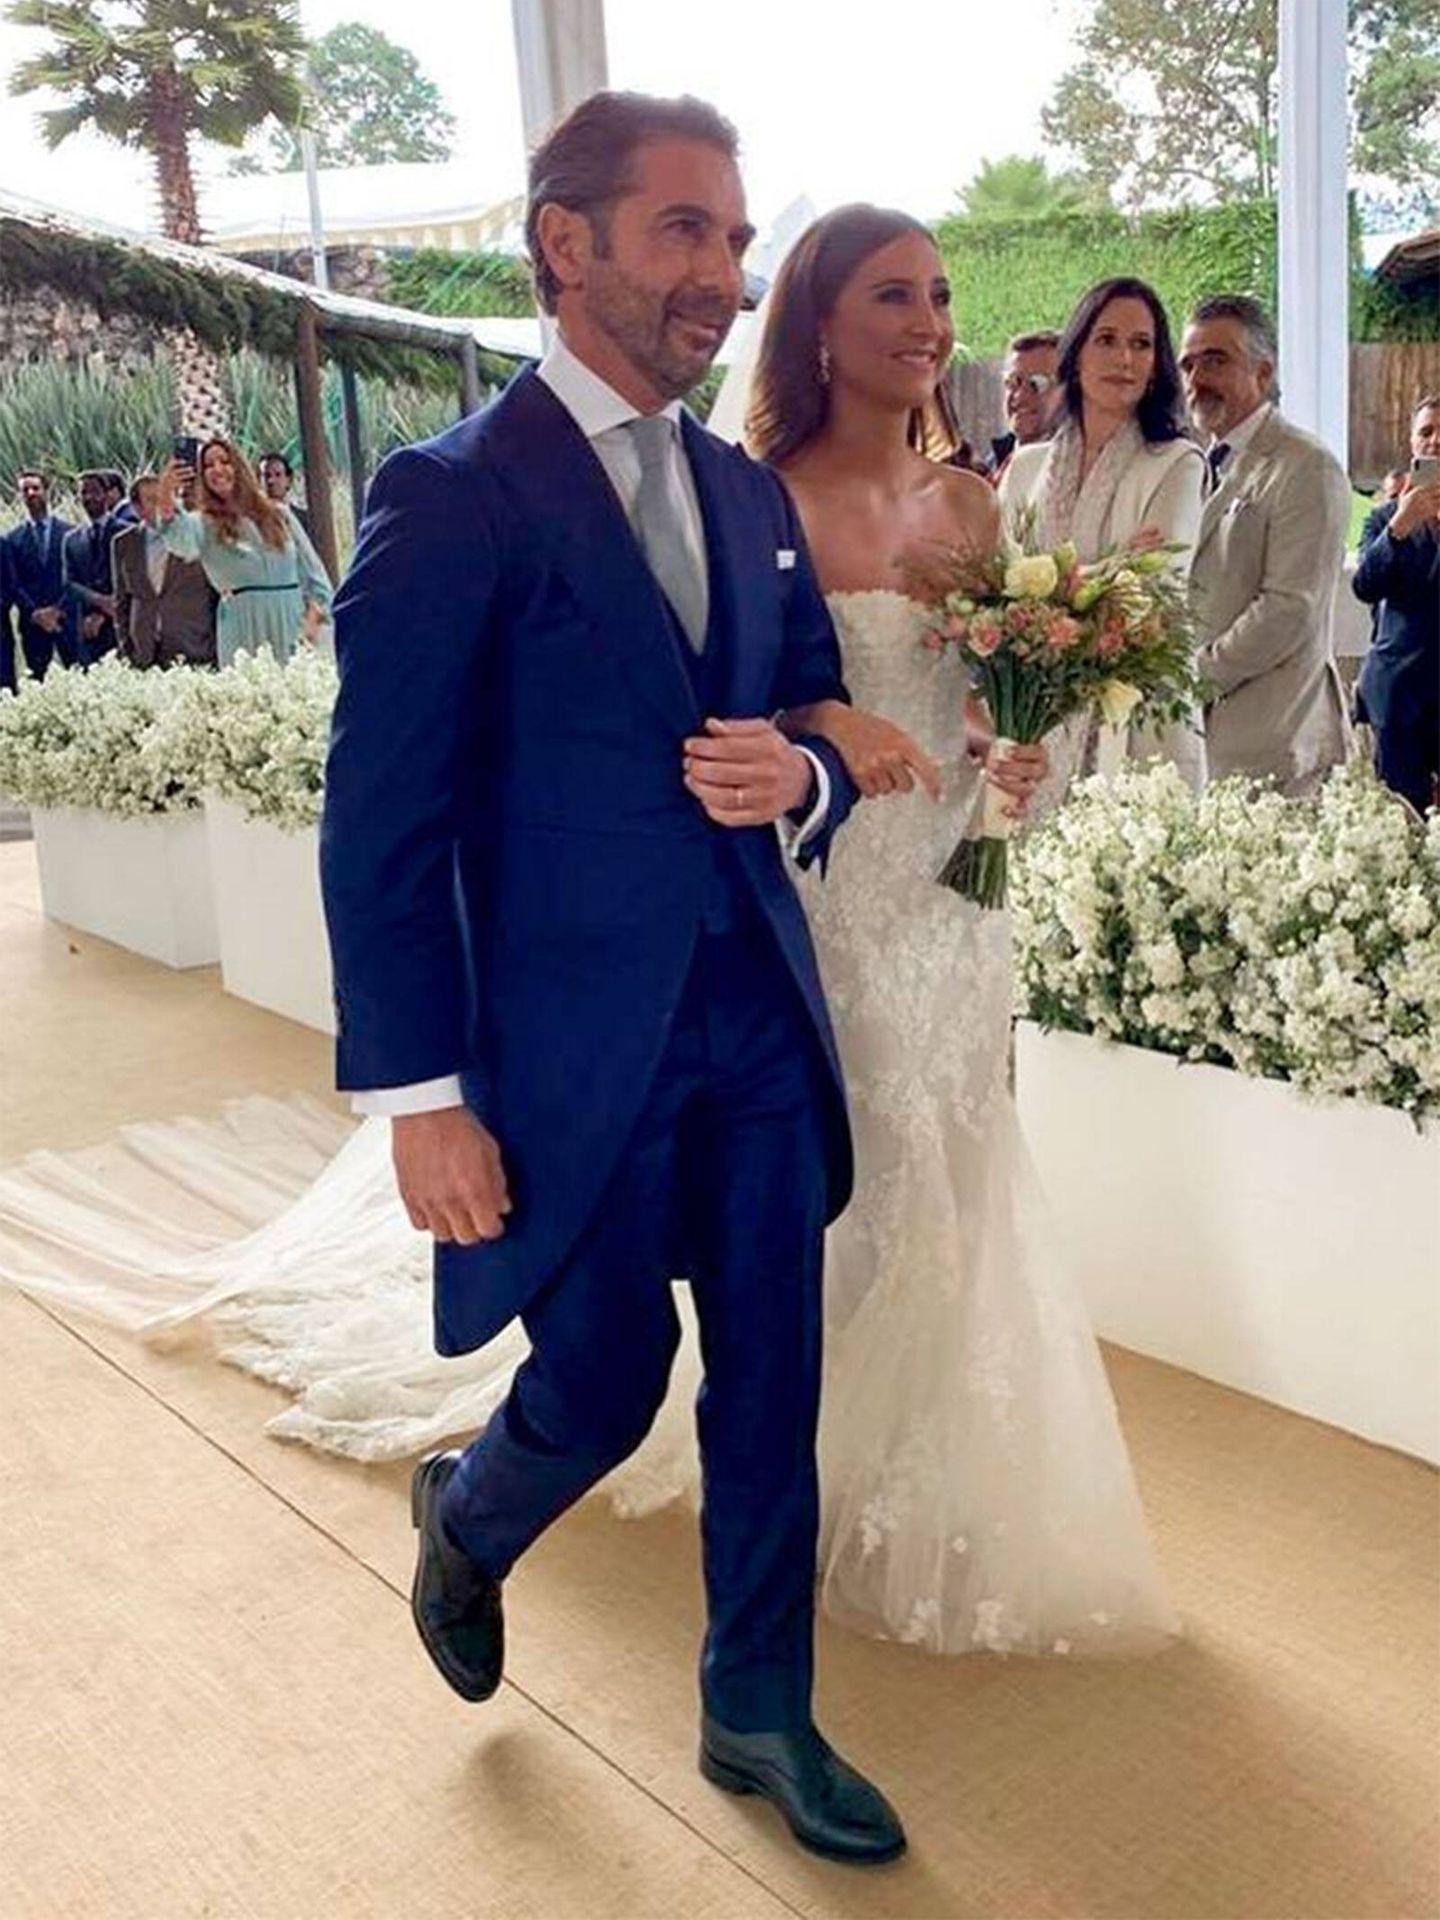 La boda de la hijastra de Eva Longoria. (Instagram @evalongoria)